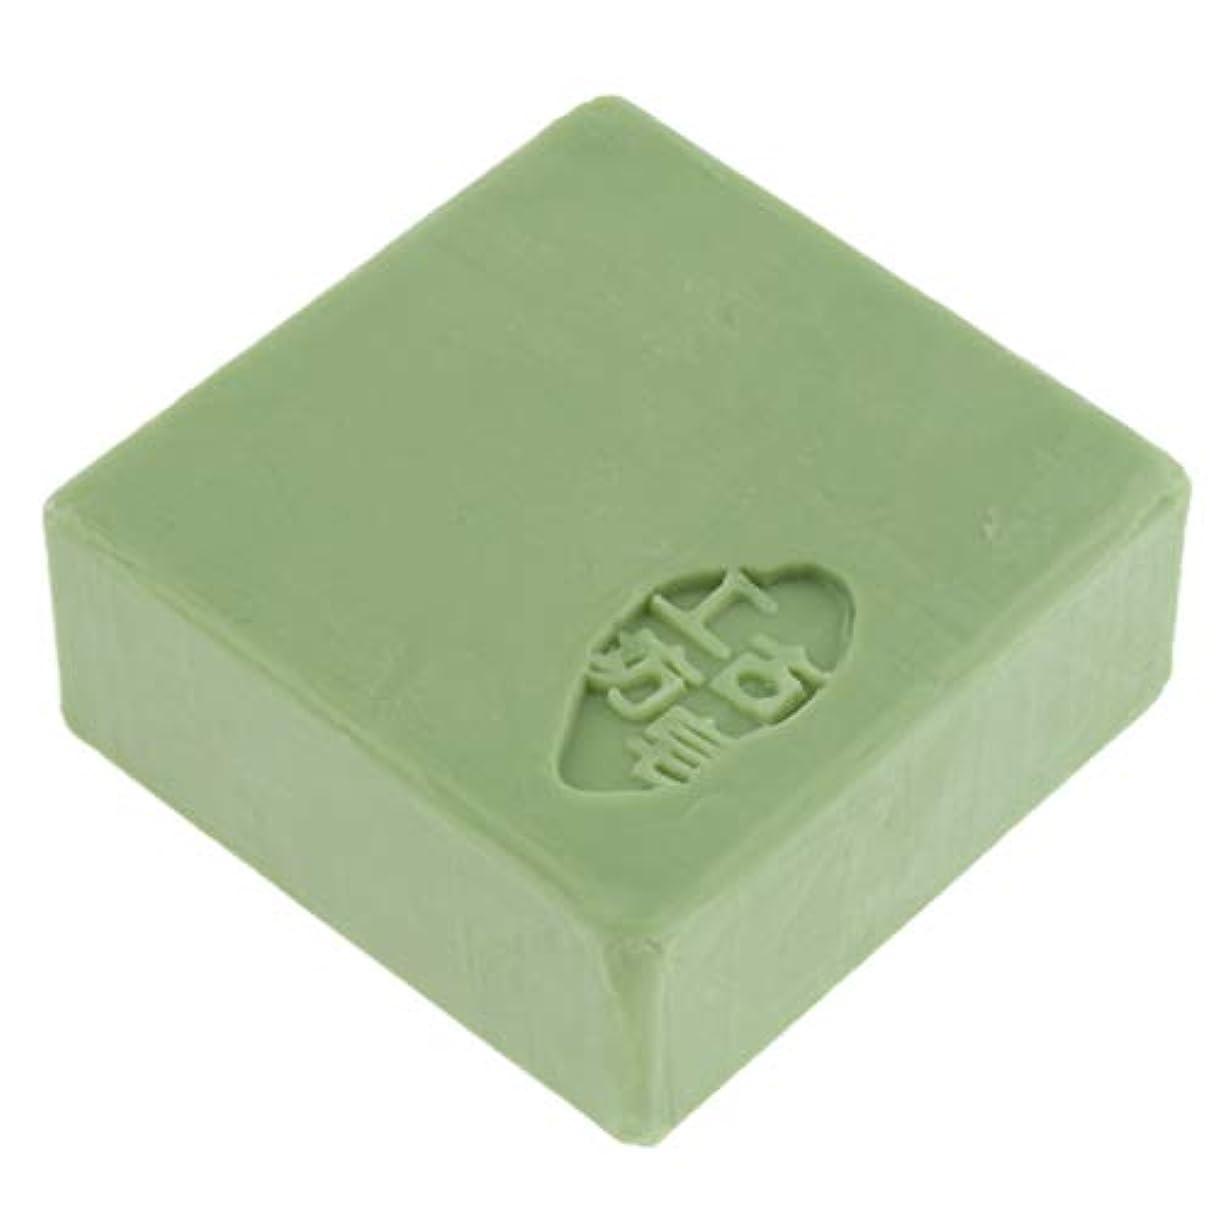 逆にラブ青写真FLAMEER フェイスソープ ボディソープ スキンケア 石鹸 メイク落とし 全3色 - 緑